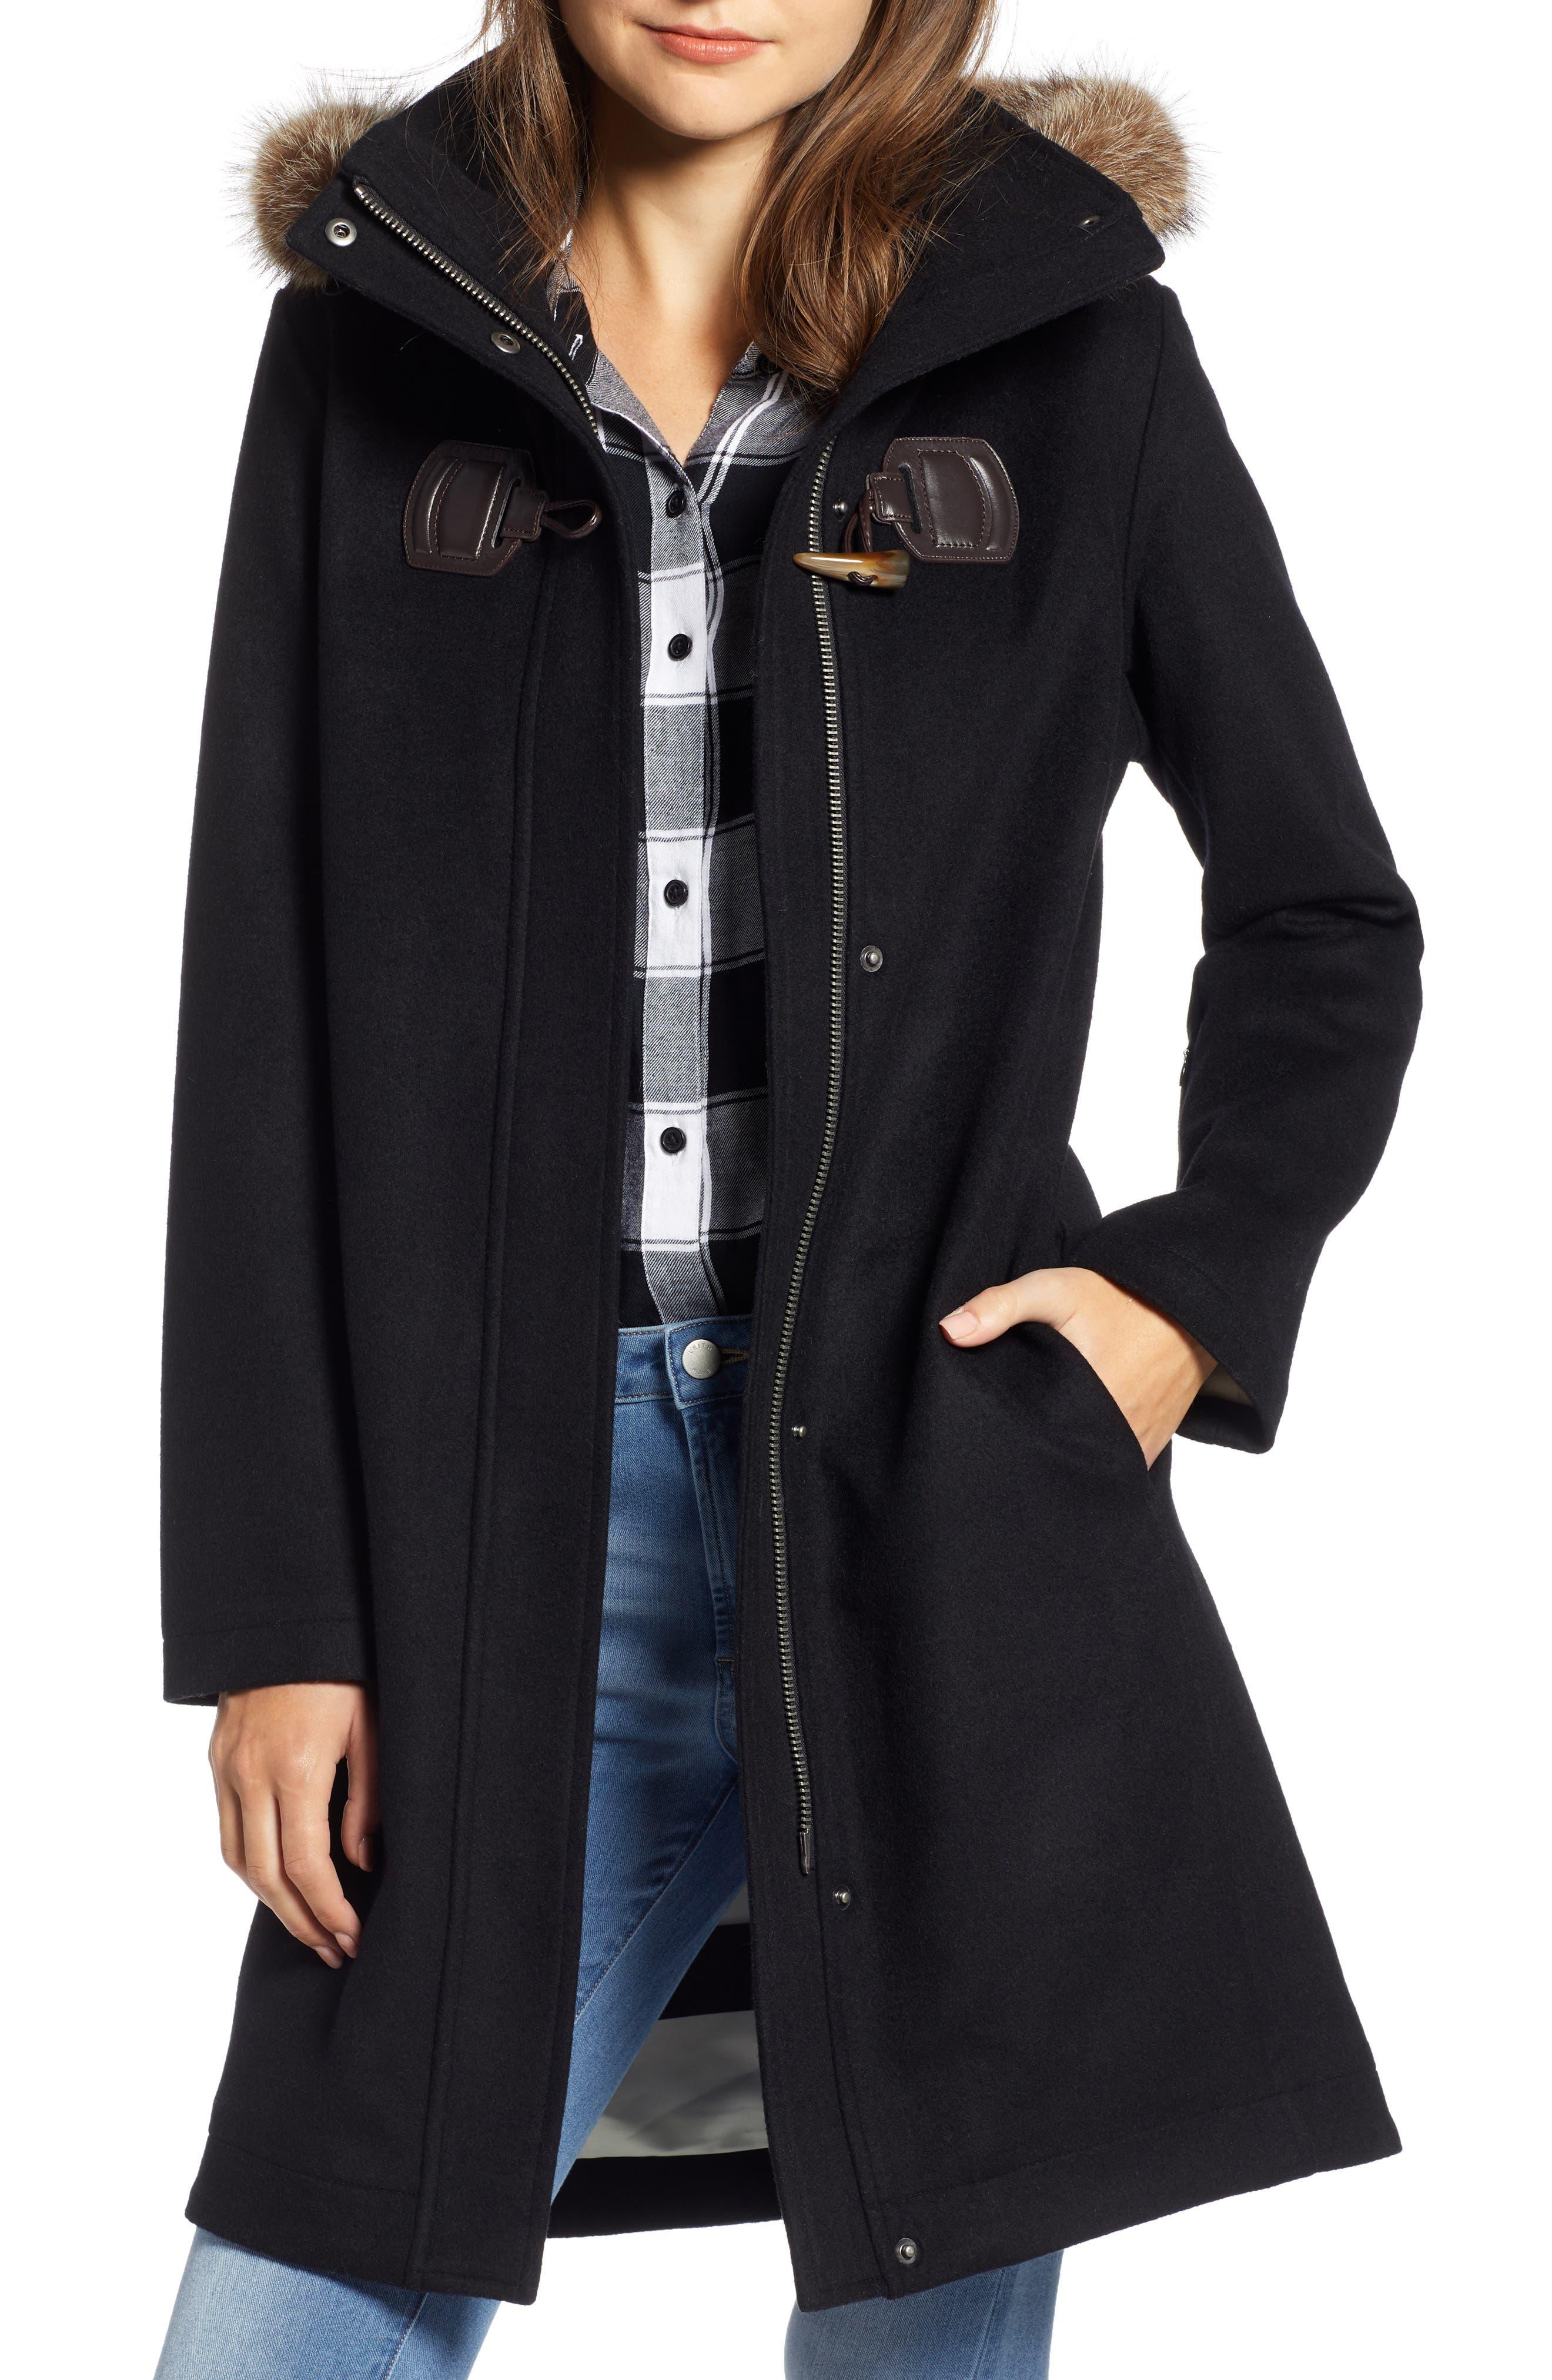 St Marie Wool Hooded Coat with Genuine Raccoon Fur Trim, Main, color, BLACK